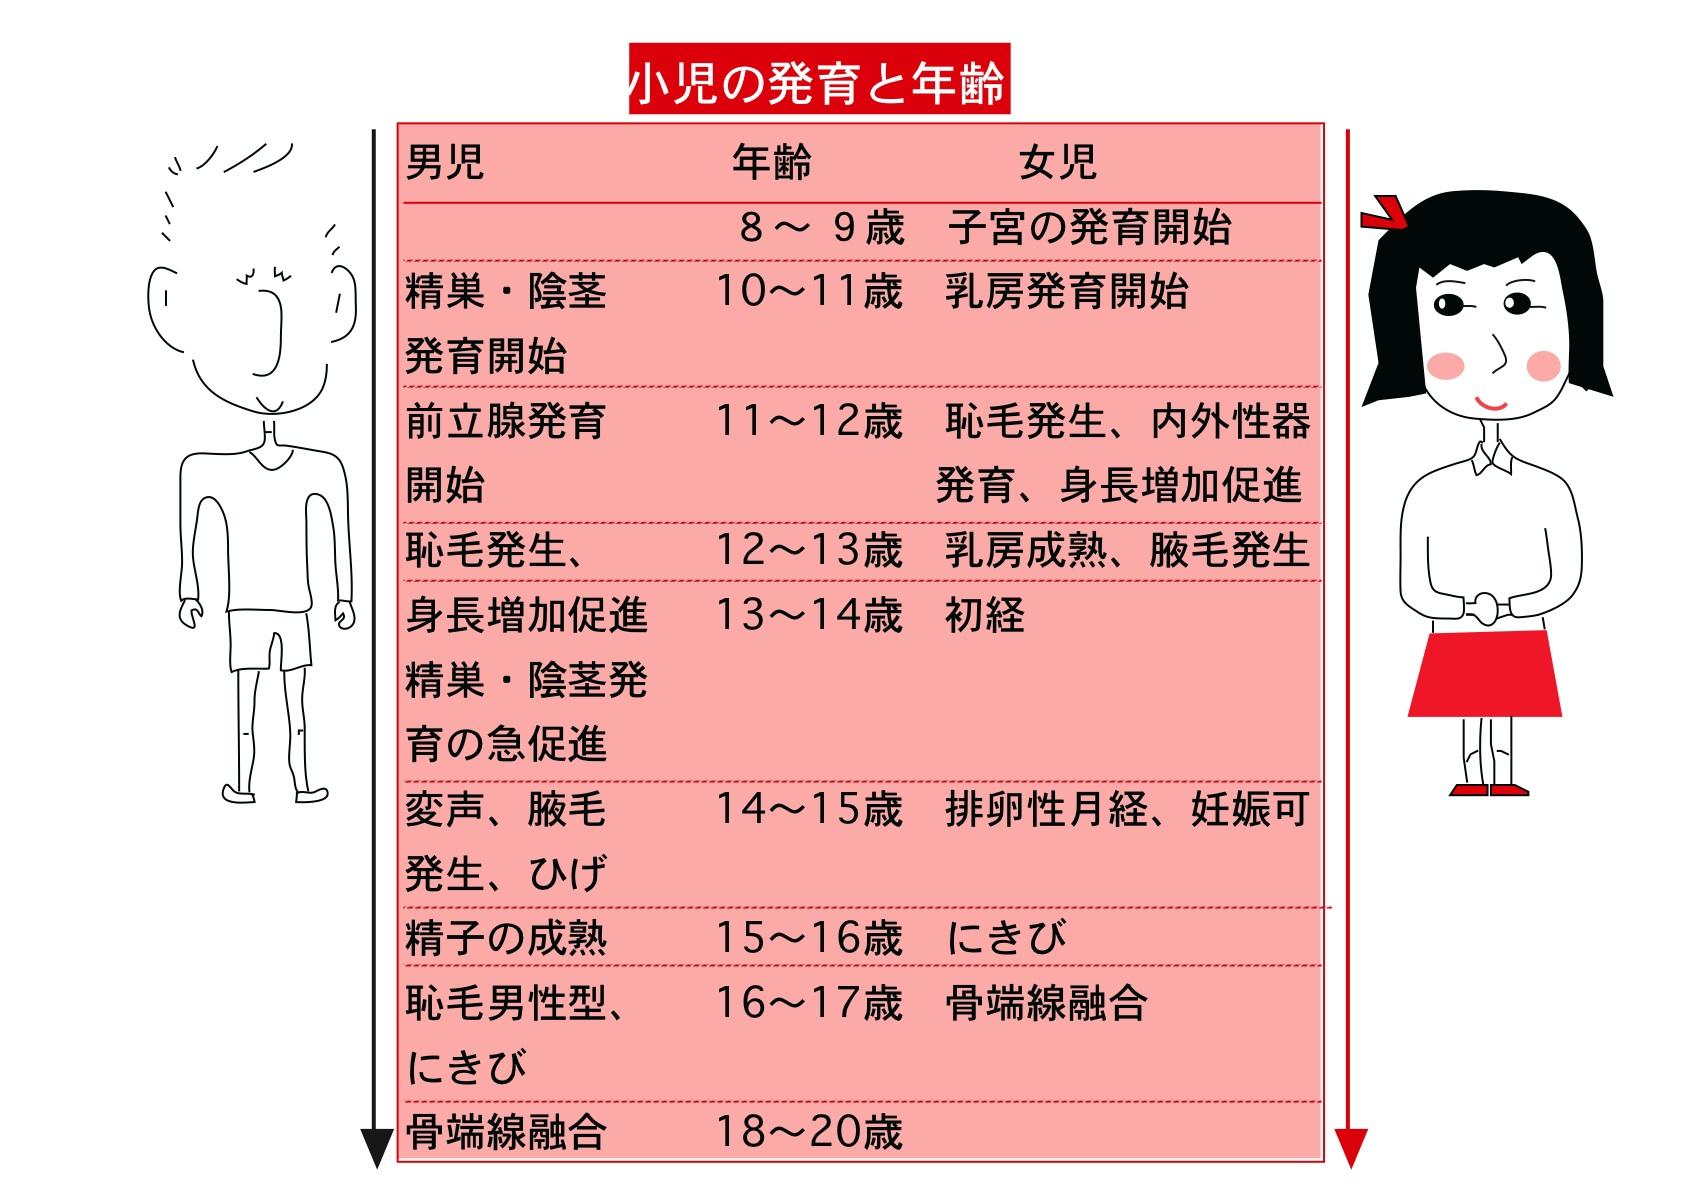 乳房の発達段階 小児の発育.png